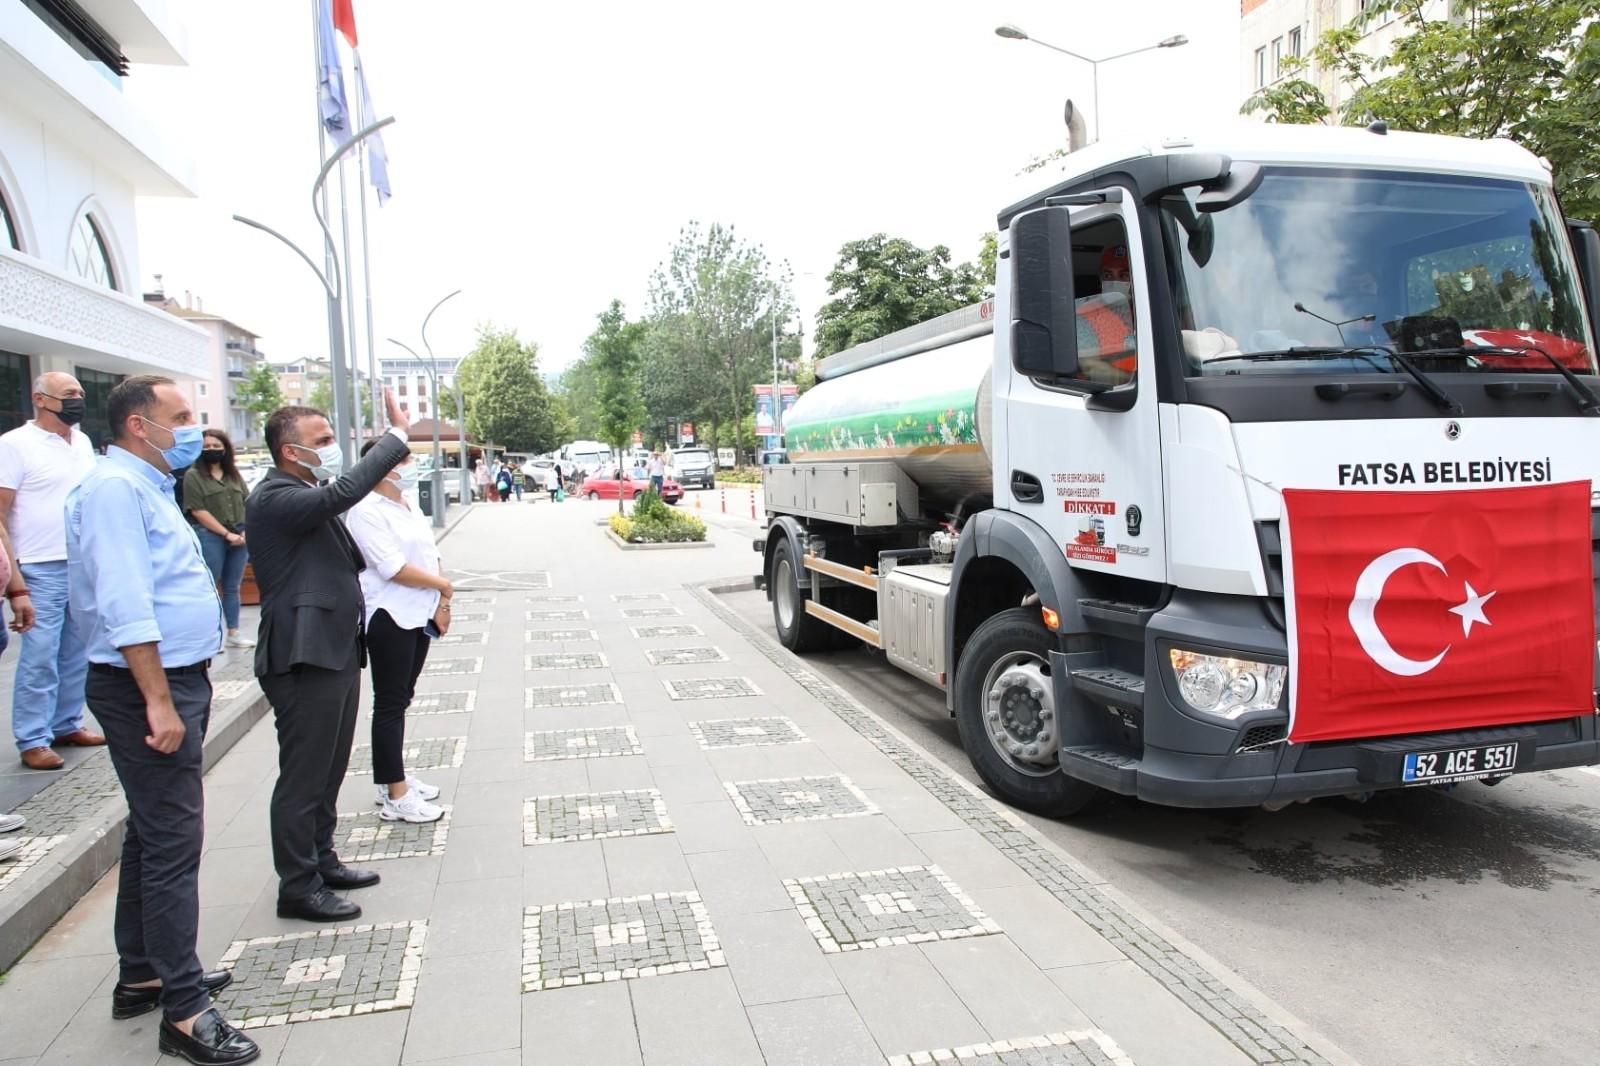 Fatsa Belediyesi'nden yangın bölgesine destek